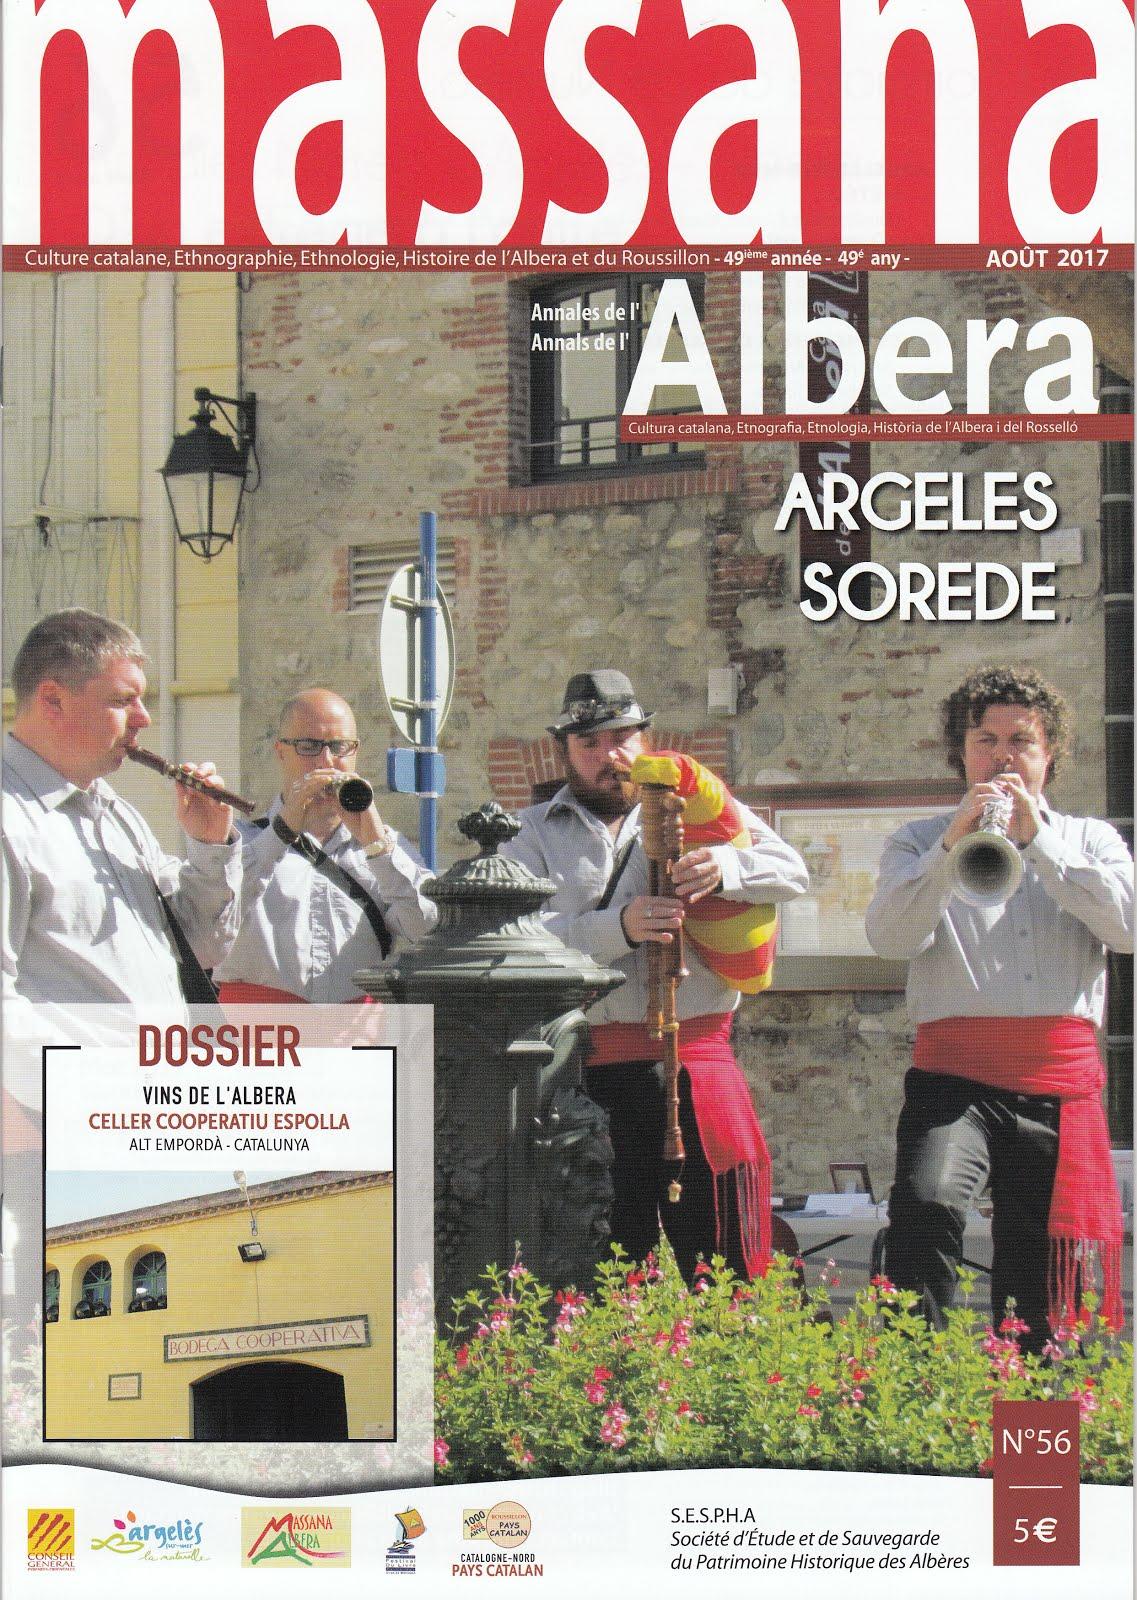 Massana-Albera n°56